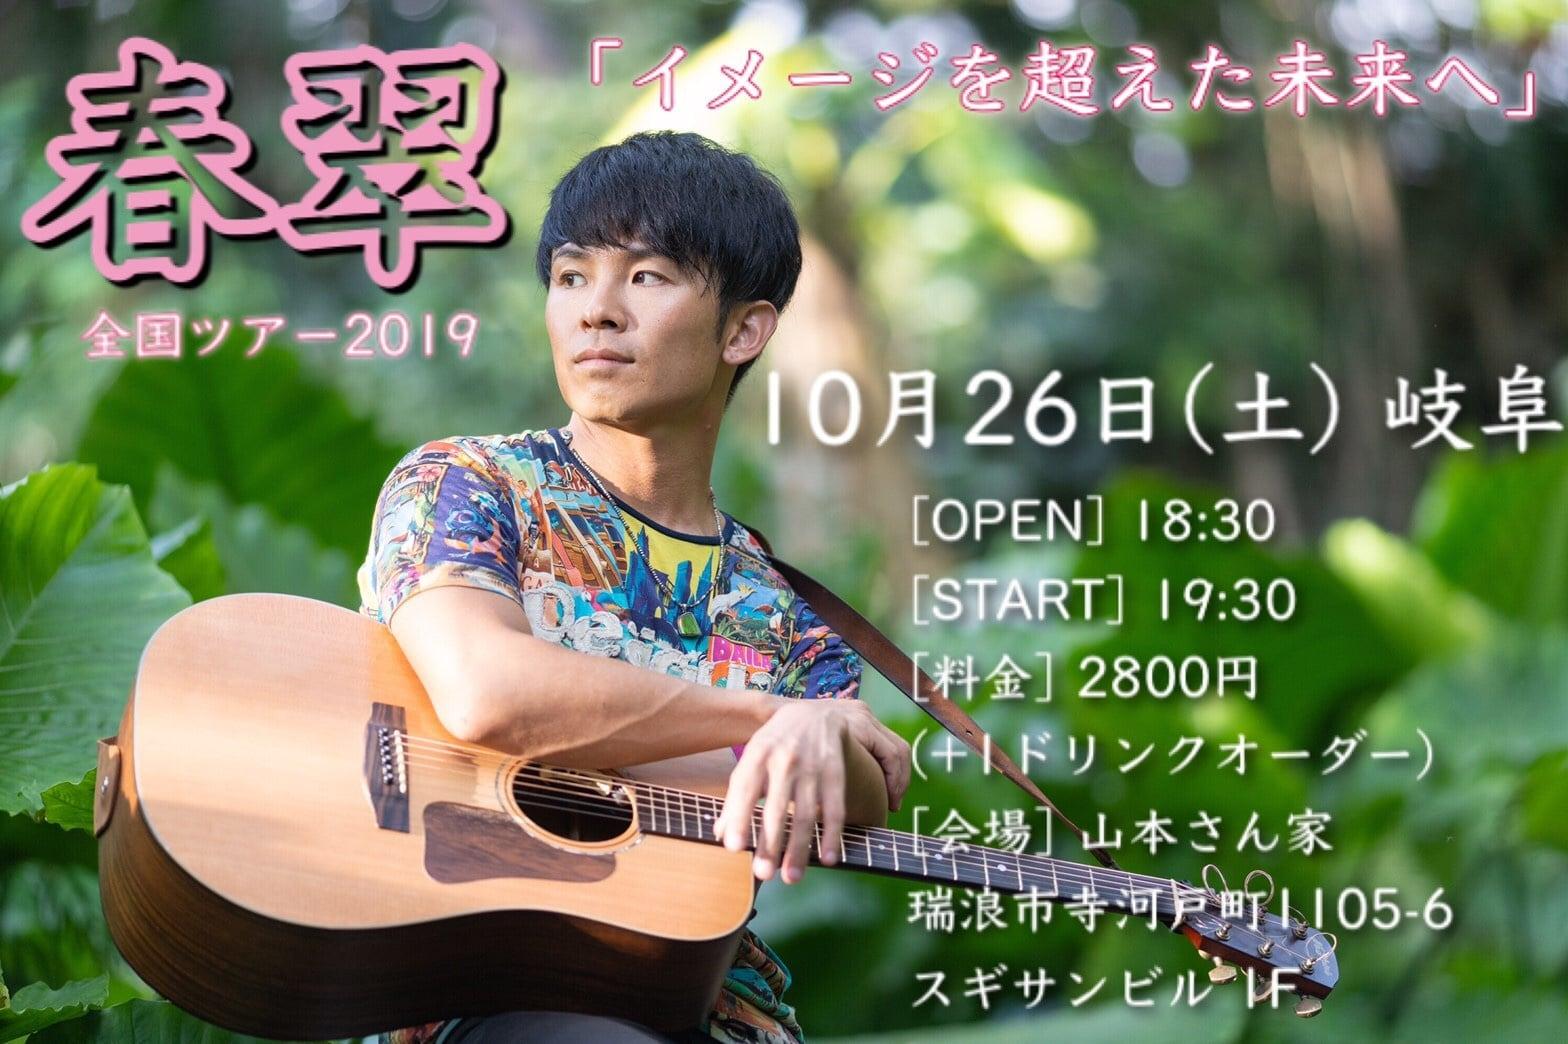 2019/10/24名古屋公演  春翠JapanTour2019 「イメージを超えた未来へ」前売りwebチケットのイメージその1